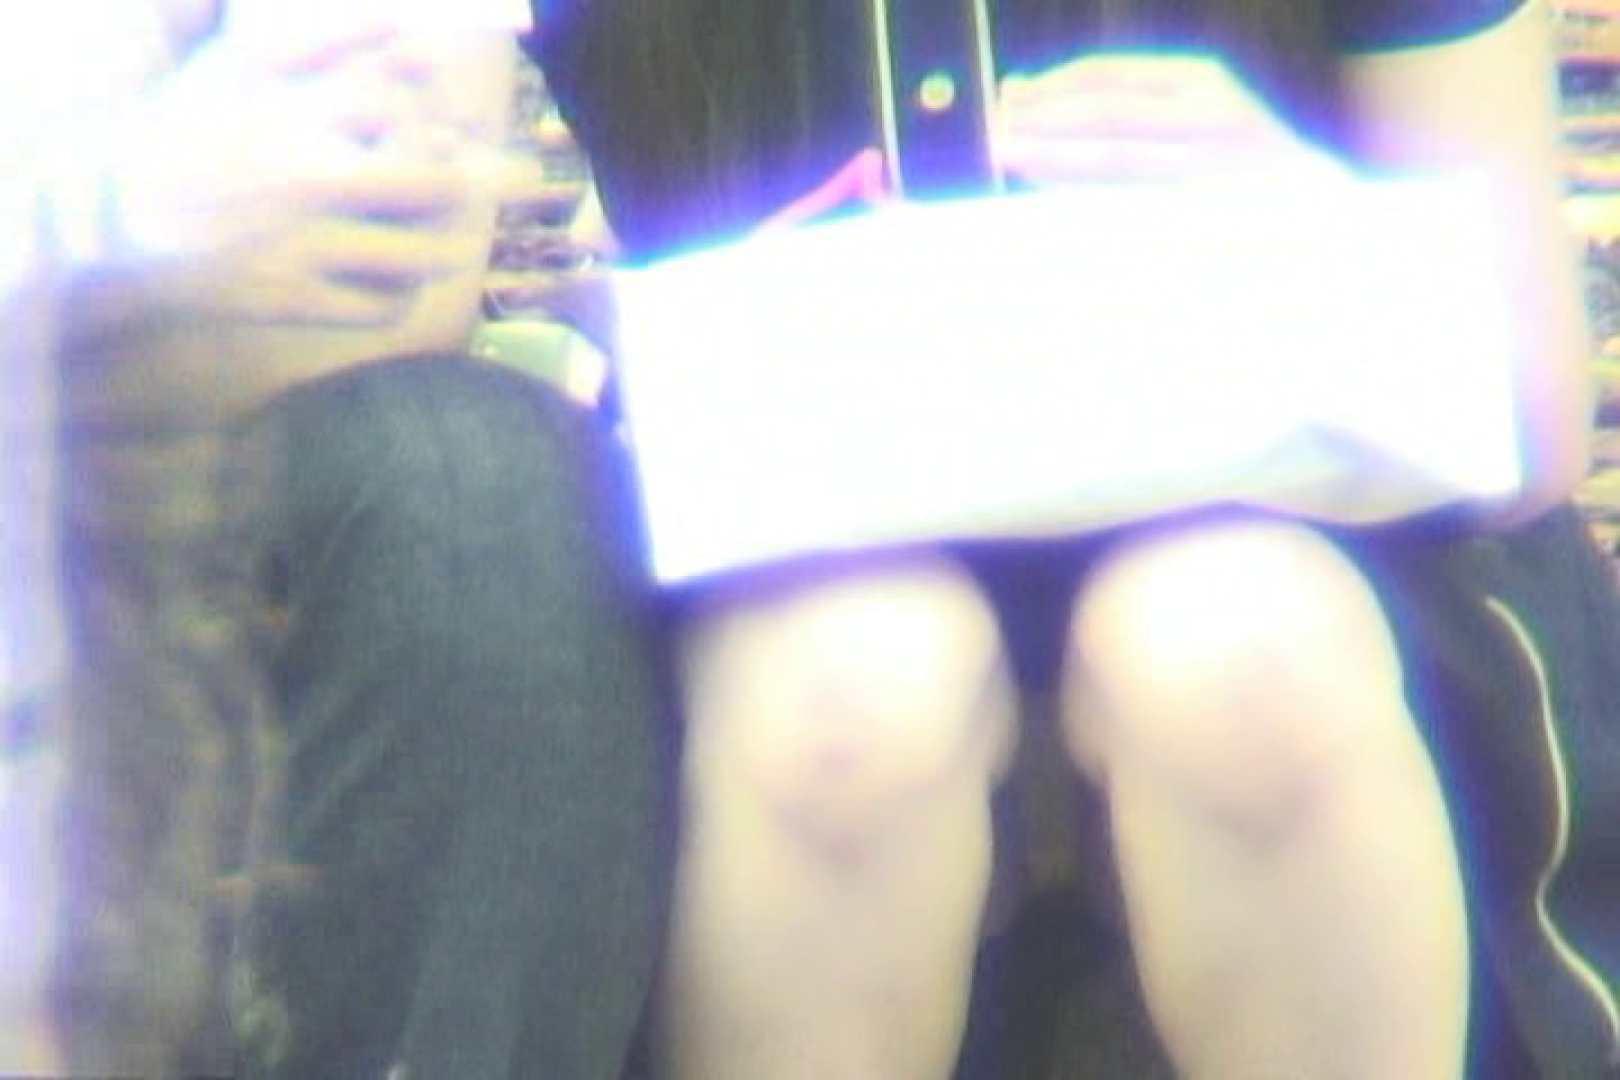 超最新版!春夏秋冬 vol.04 ティーンギャル オメコ動画キャプチャ 97pic 32